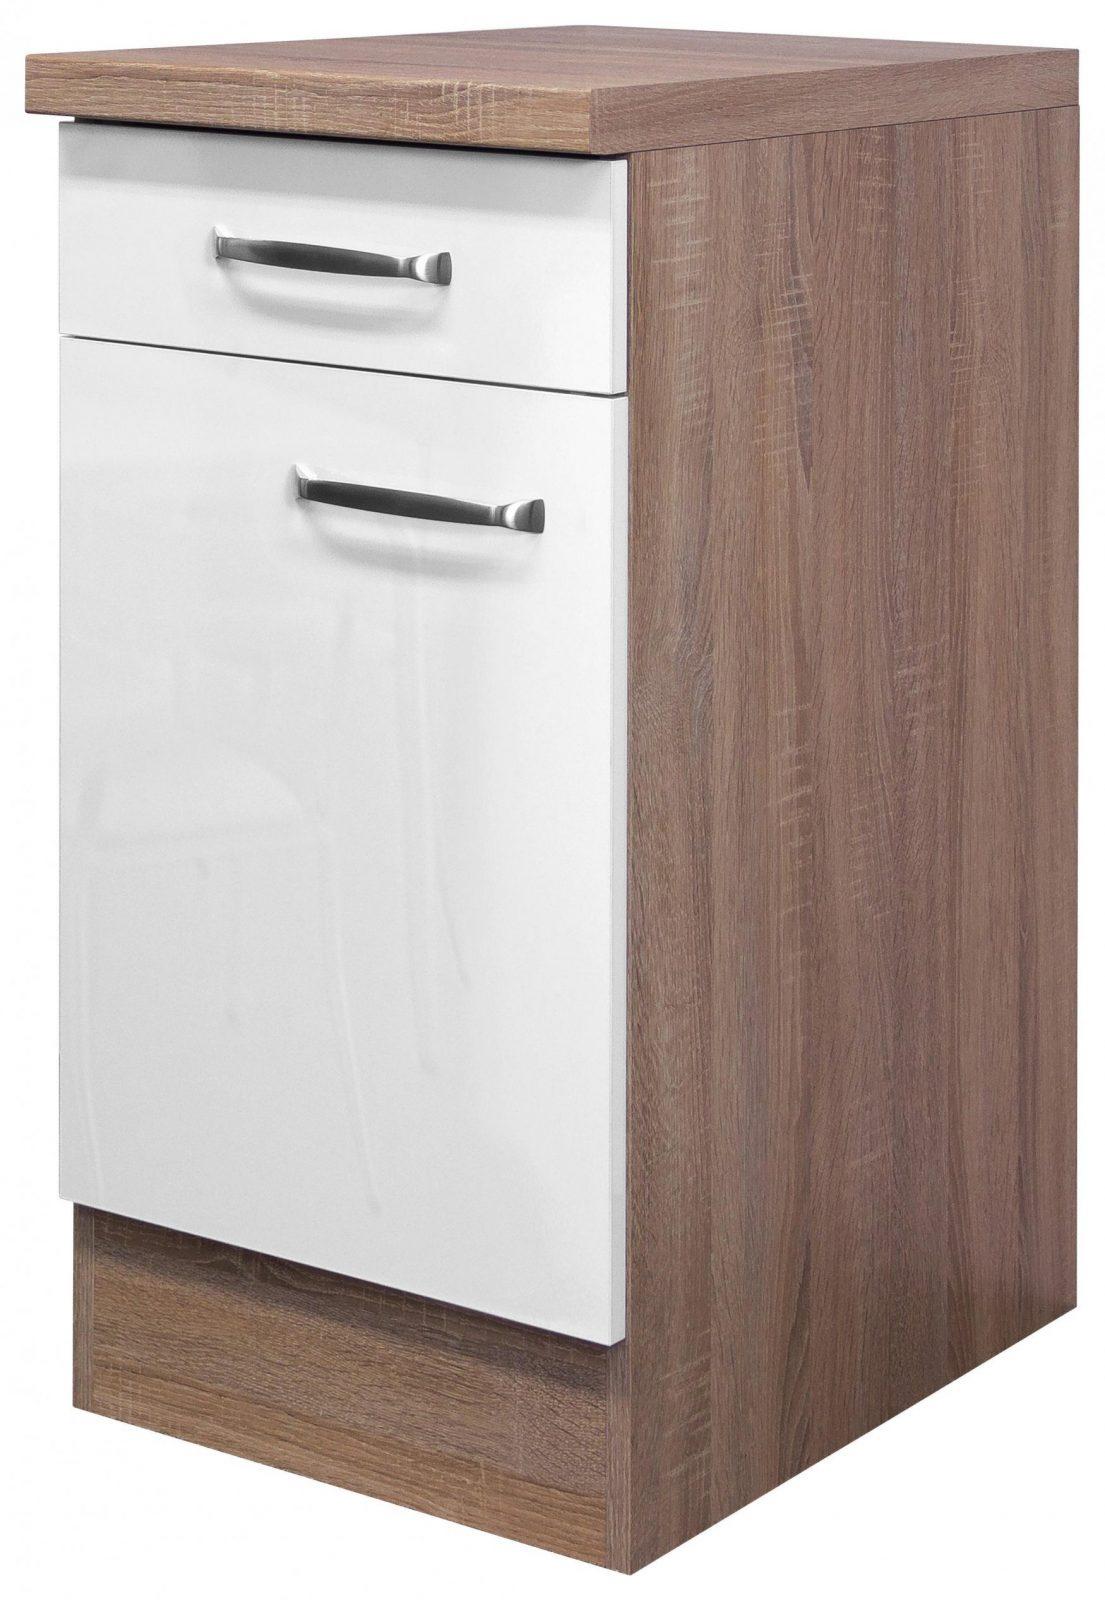 Küchenunterschrank Weiß Hochglanzeiche Online Kaufen Mömax von Küchen Unterschrank Ohne Arbeitsplatte Photo